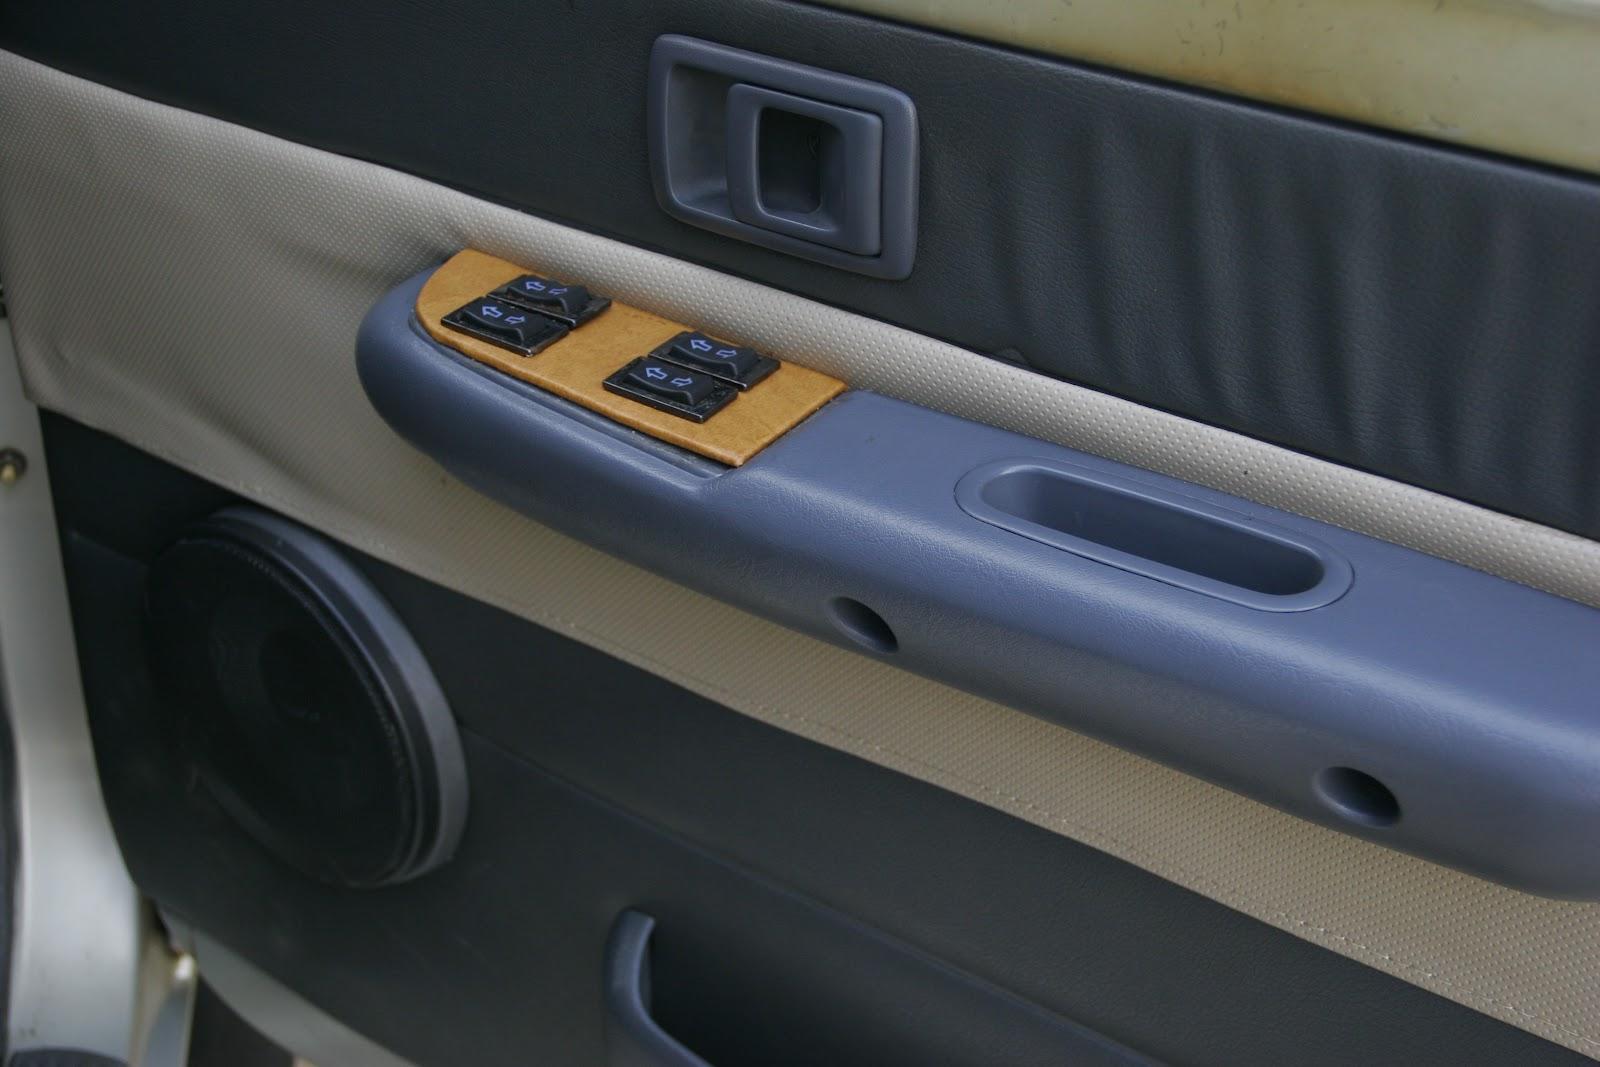 92 Modifikasi Dasbor Mobil Kijang Super Gratis Terbaru